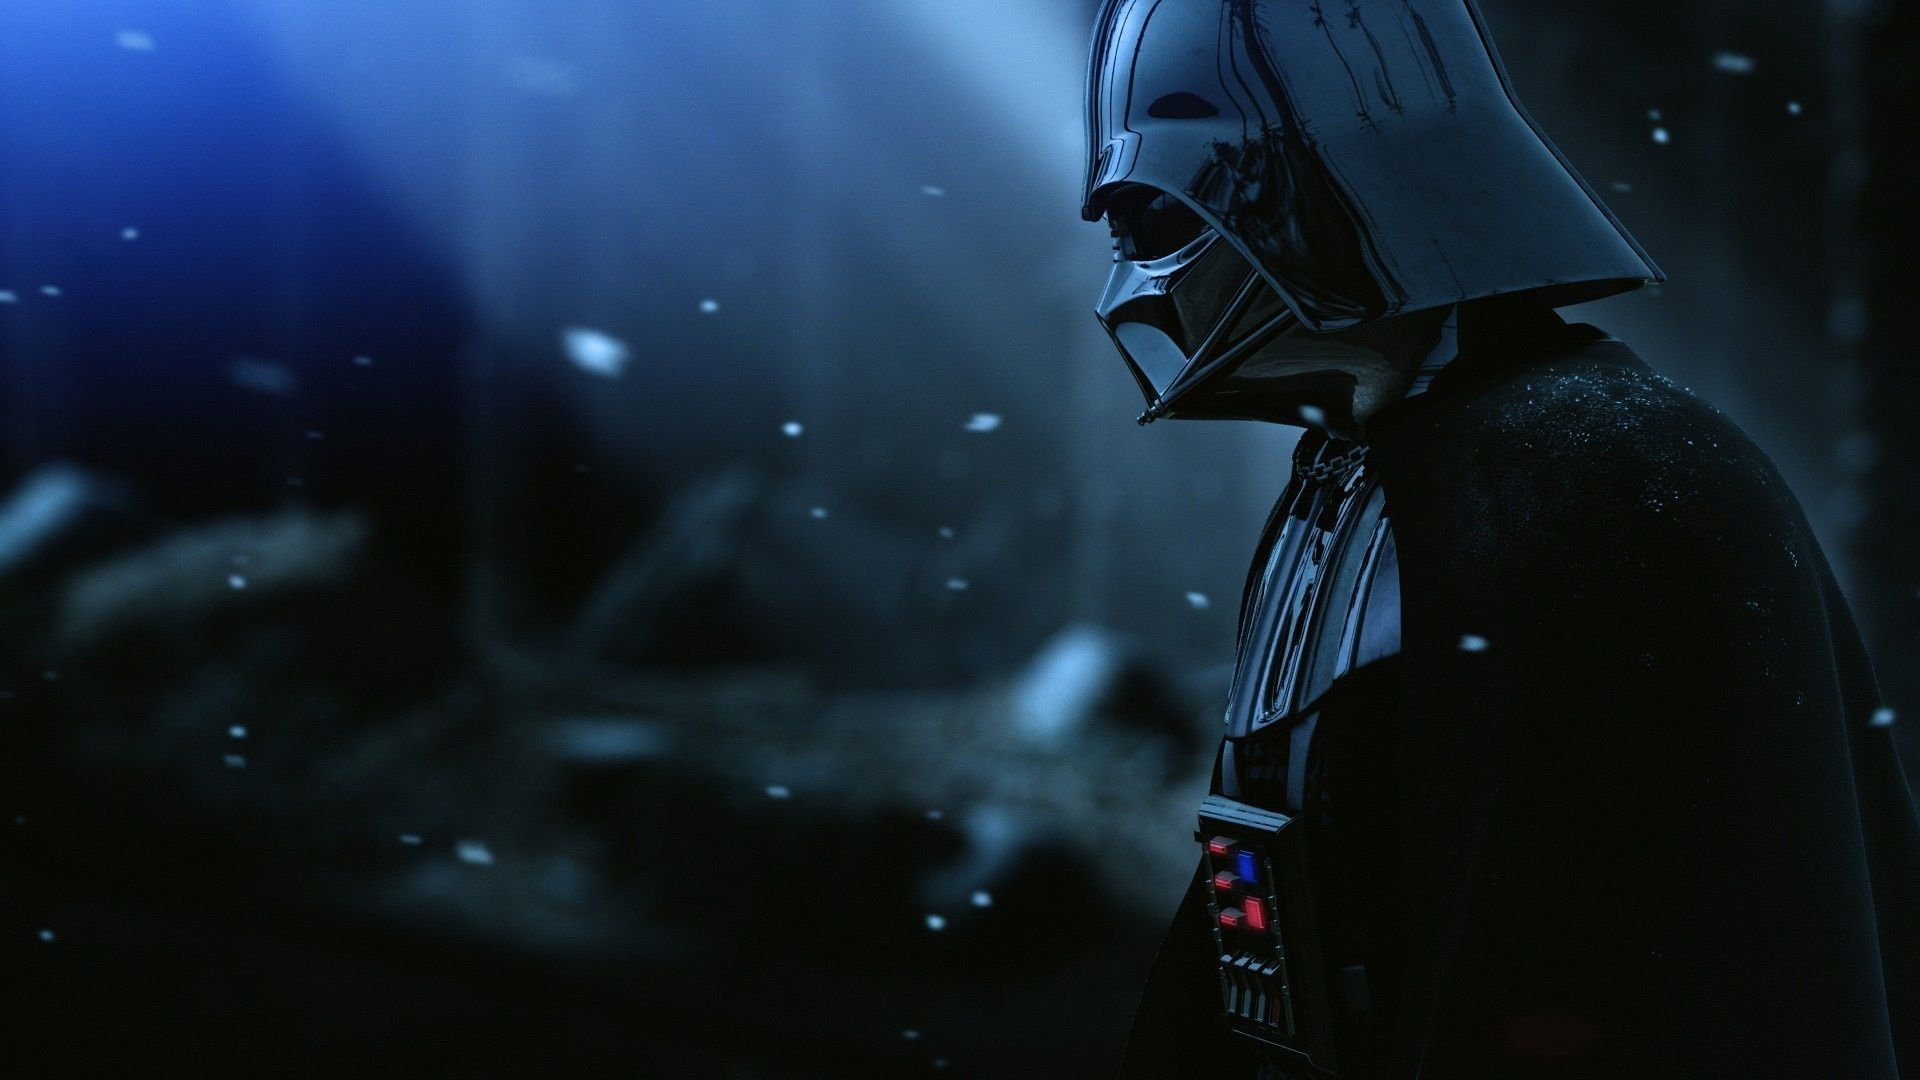 Darth Vader Armor Star War Http Hotcelebwallpaperz Com Darth Vader Armor Star War Darth Vader Wallpaper Star Wars Background Darth Vader 4k Wallpaper Hd 1080p epic star wars wallpaper